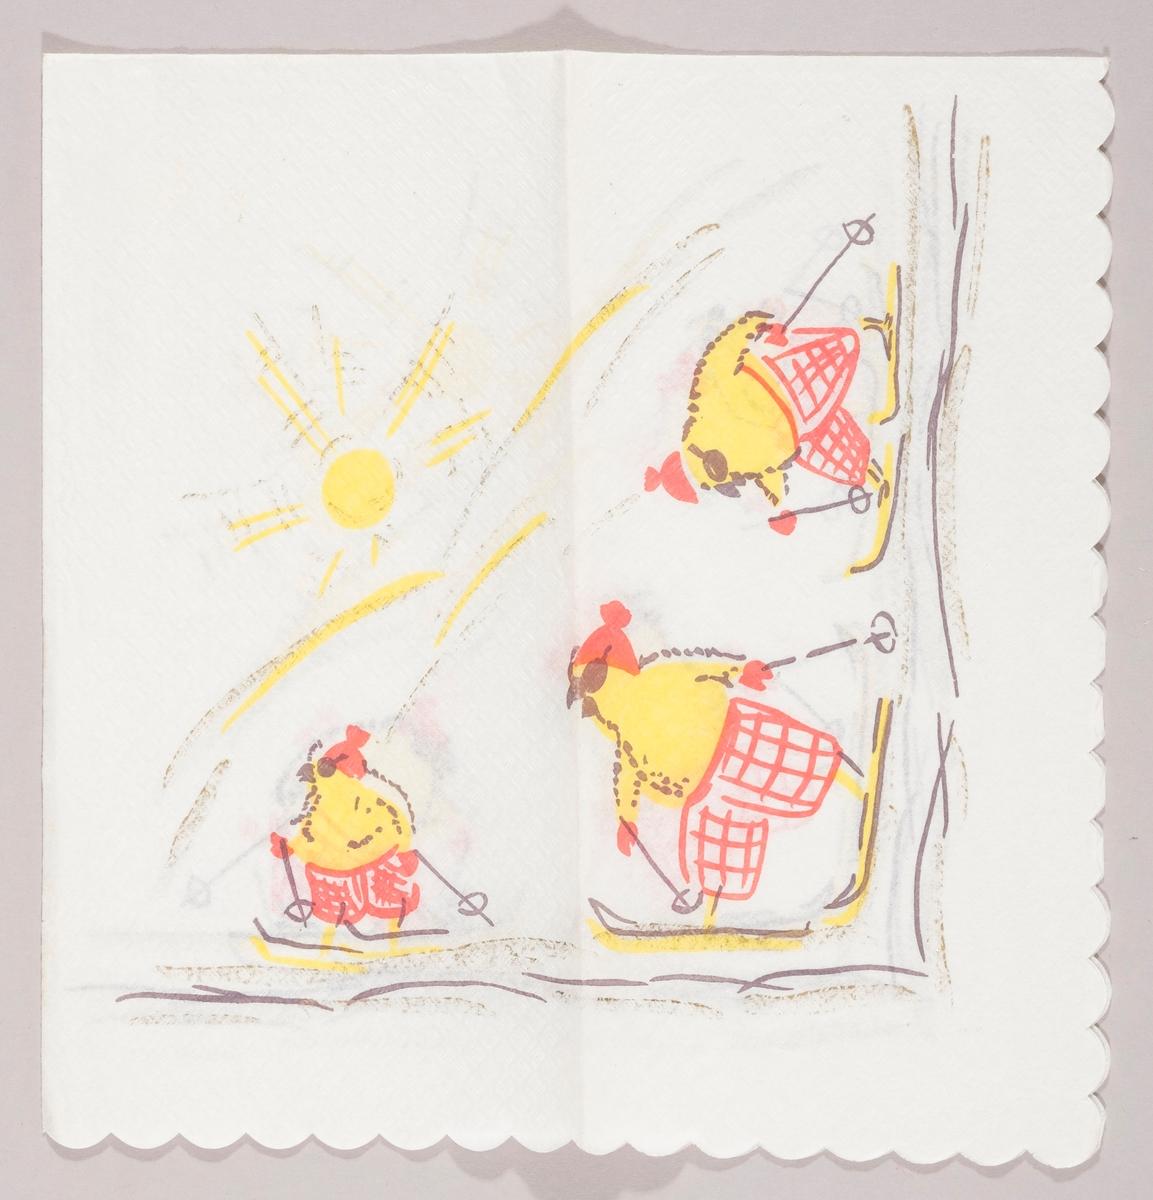 Tre kyllinger med rutete bukser, lue og solbriller går på ski. I bakgrunnen en strålende sol over et hvit fjellområde.